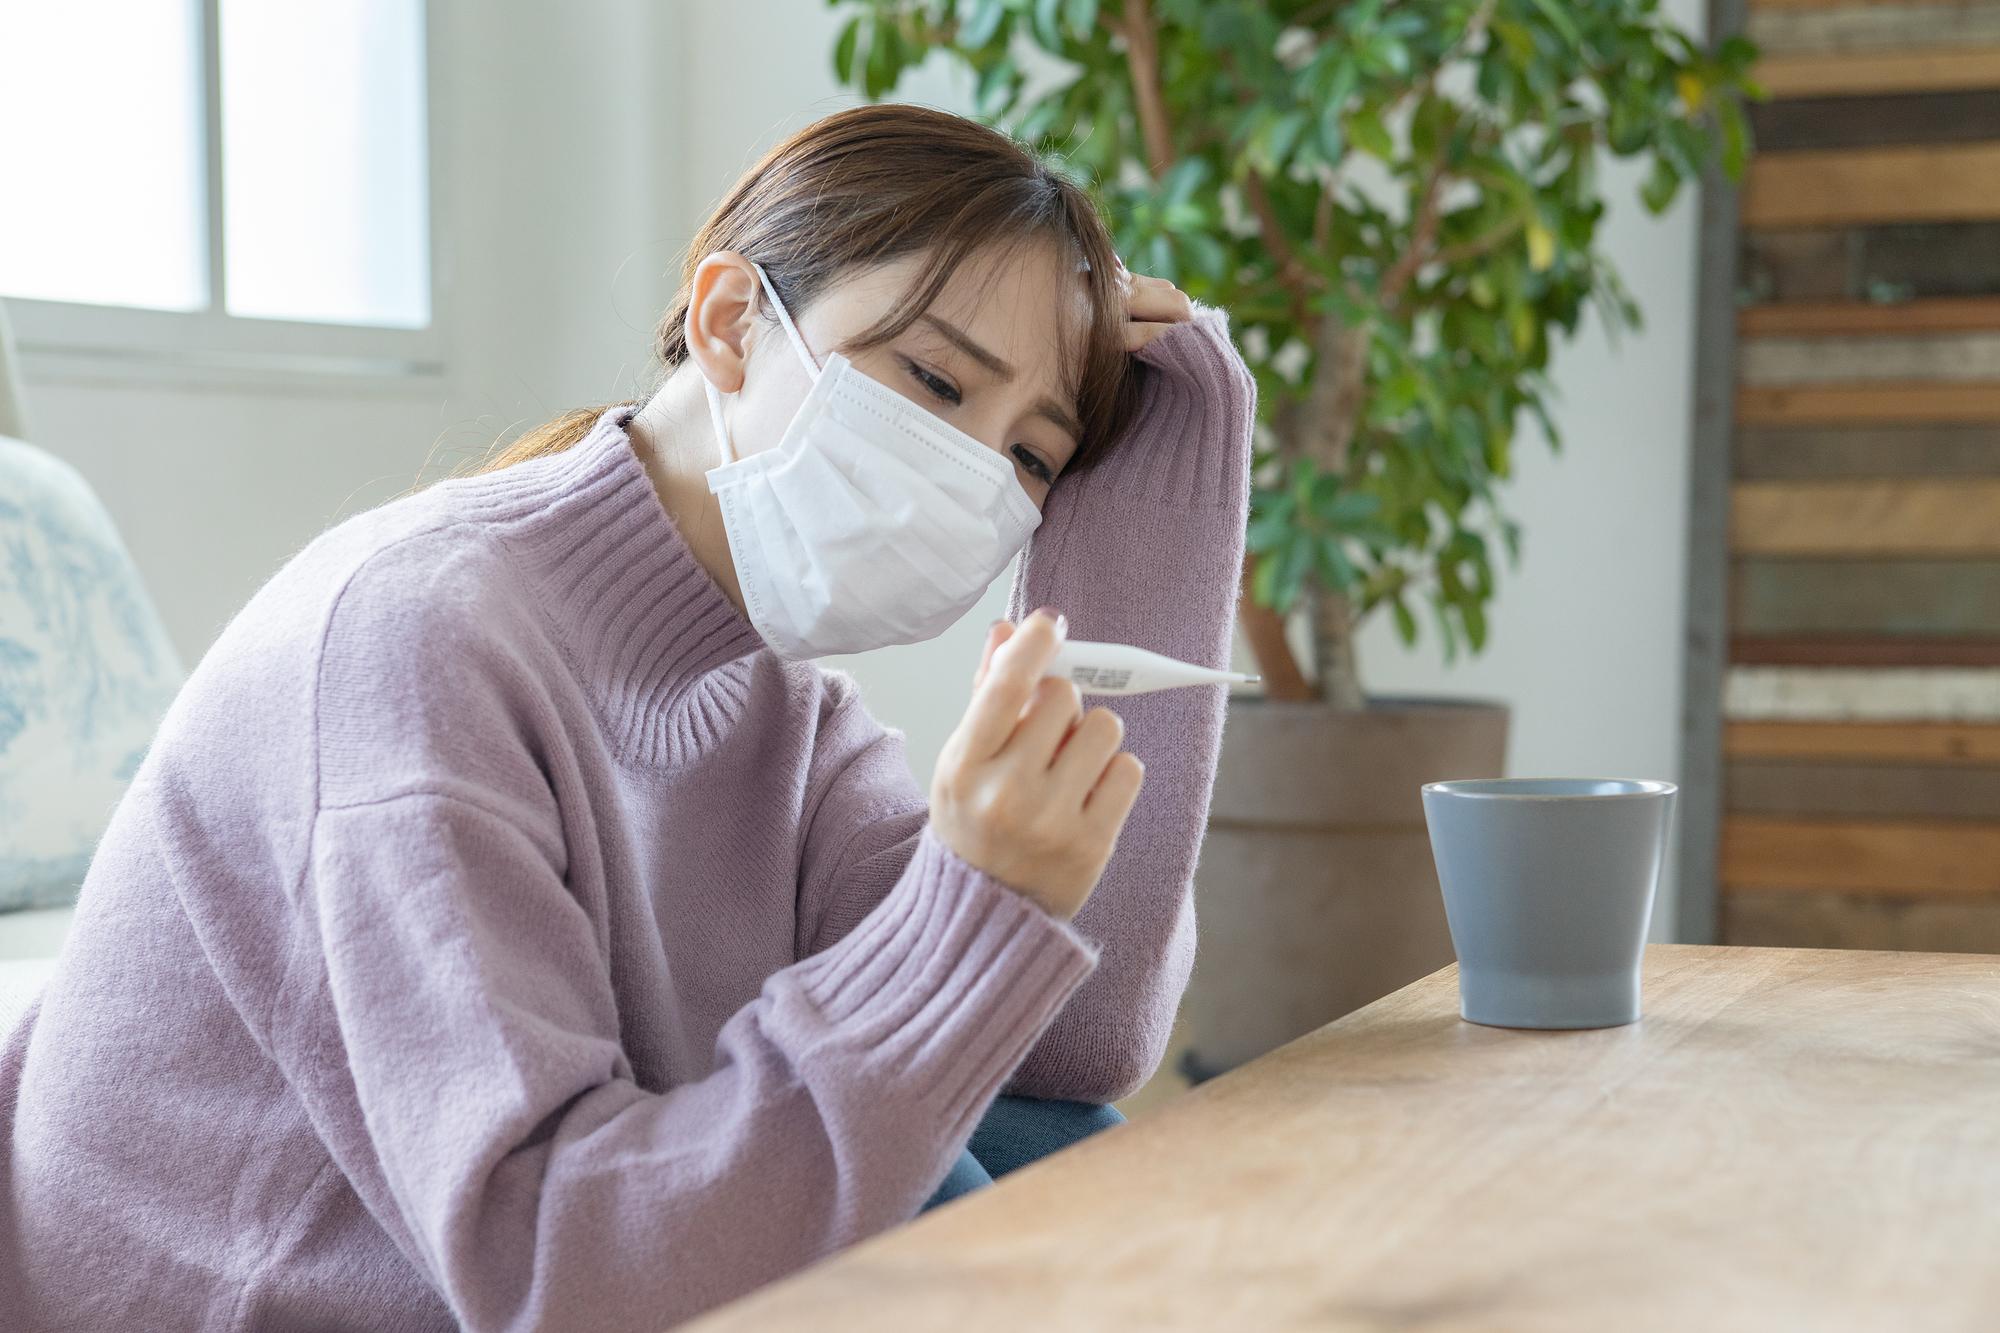 原因不明の熱が続く 大人